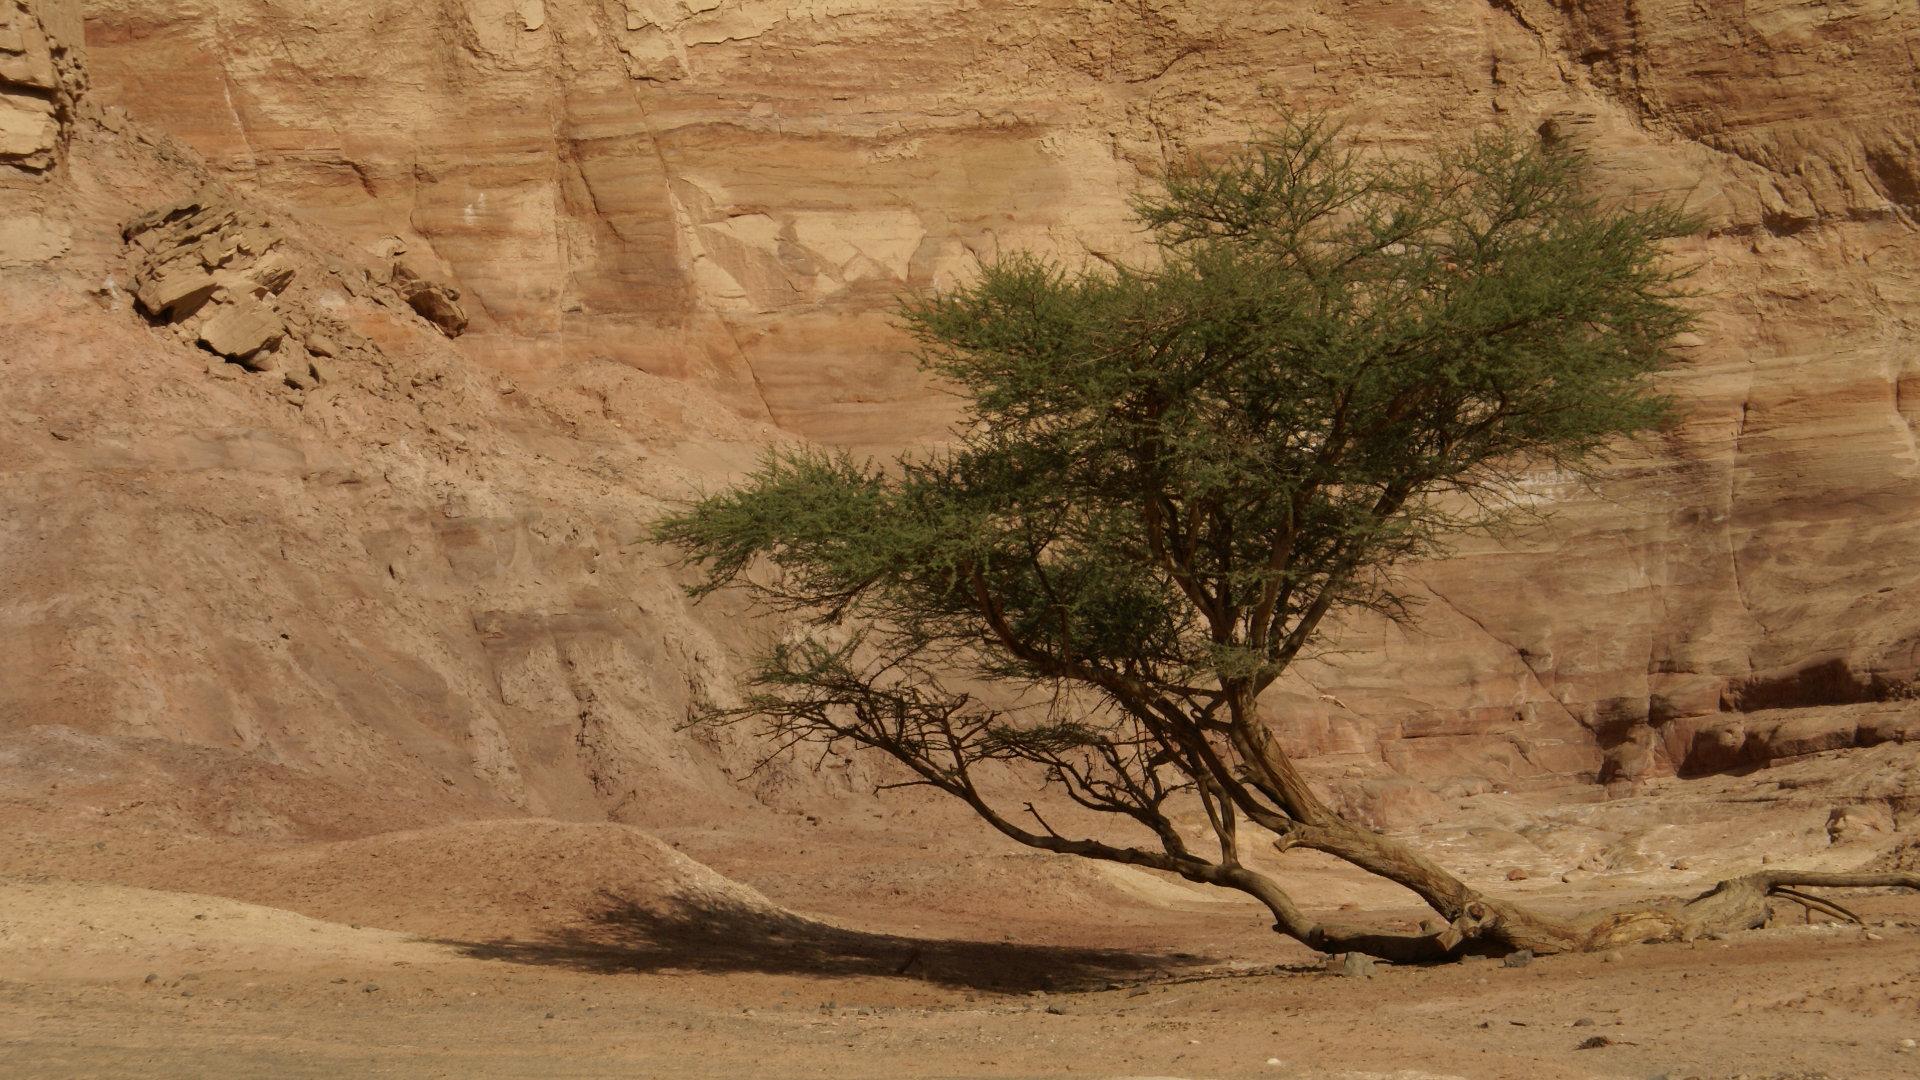 Acacia in Sinai, by Florian Prischl